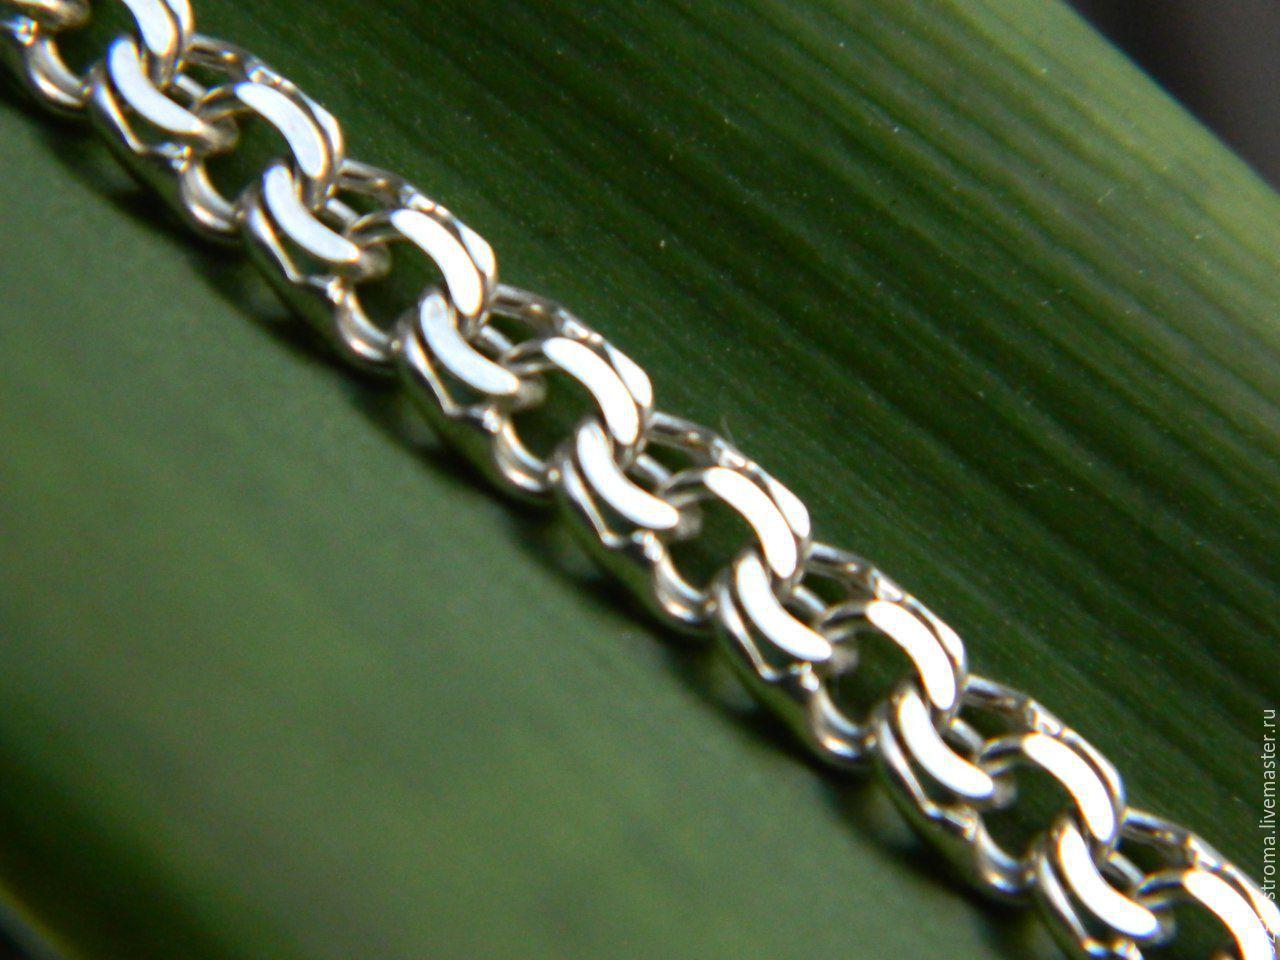 Купить Серебряная цепь - Серебряная цепочка, серебряная цепь, Серебряная цепочка 925, цепь из серебра